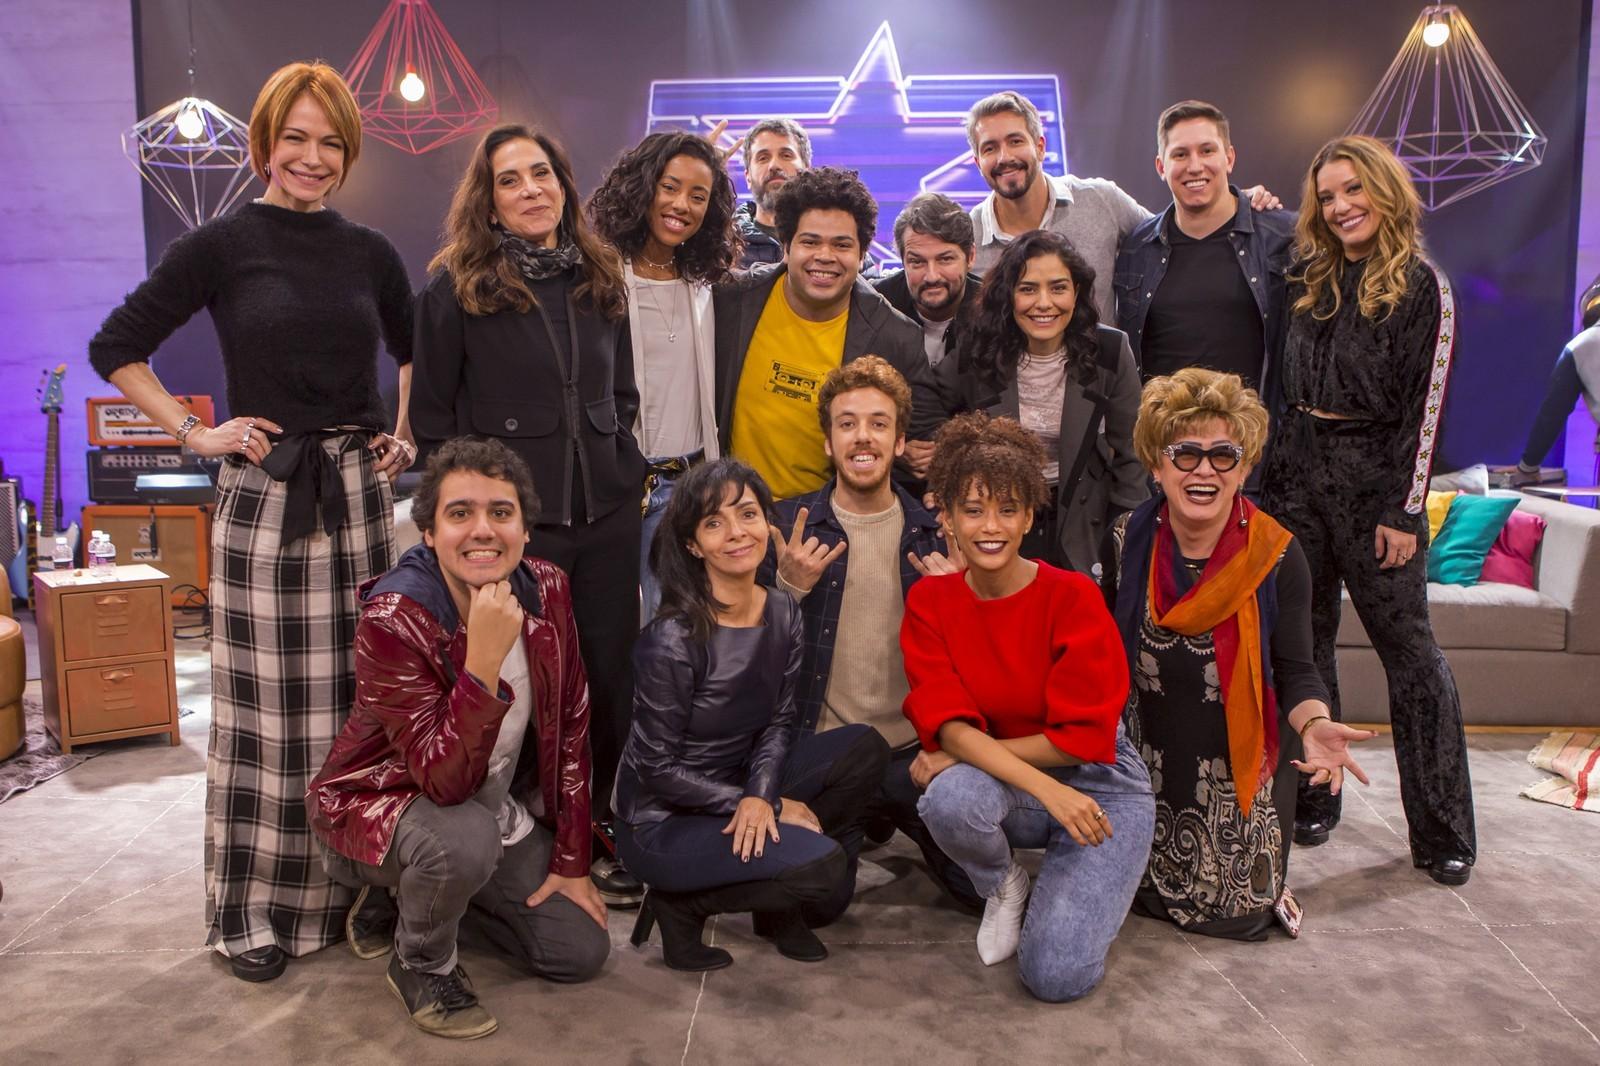 Elenco de PopStar, da Globo. (Foto: Artur Meninea / Globo)